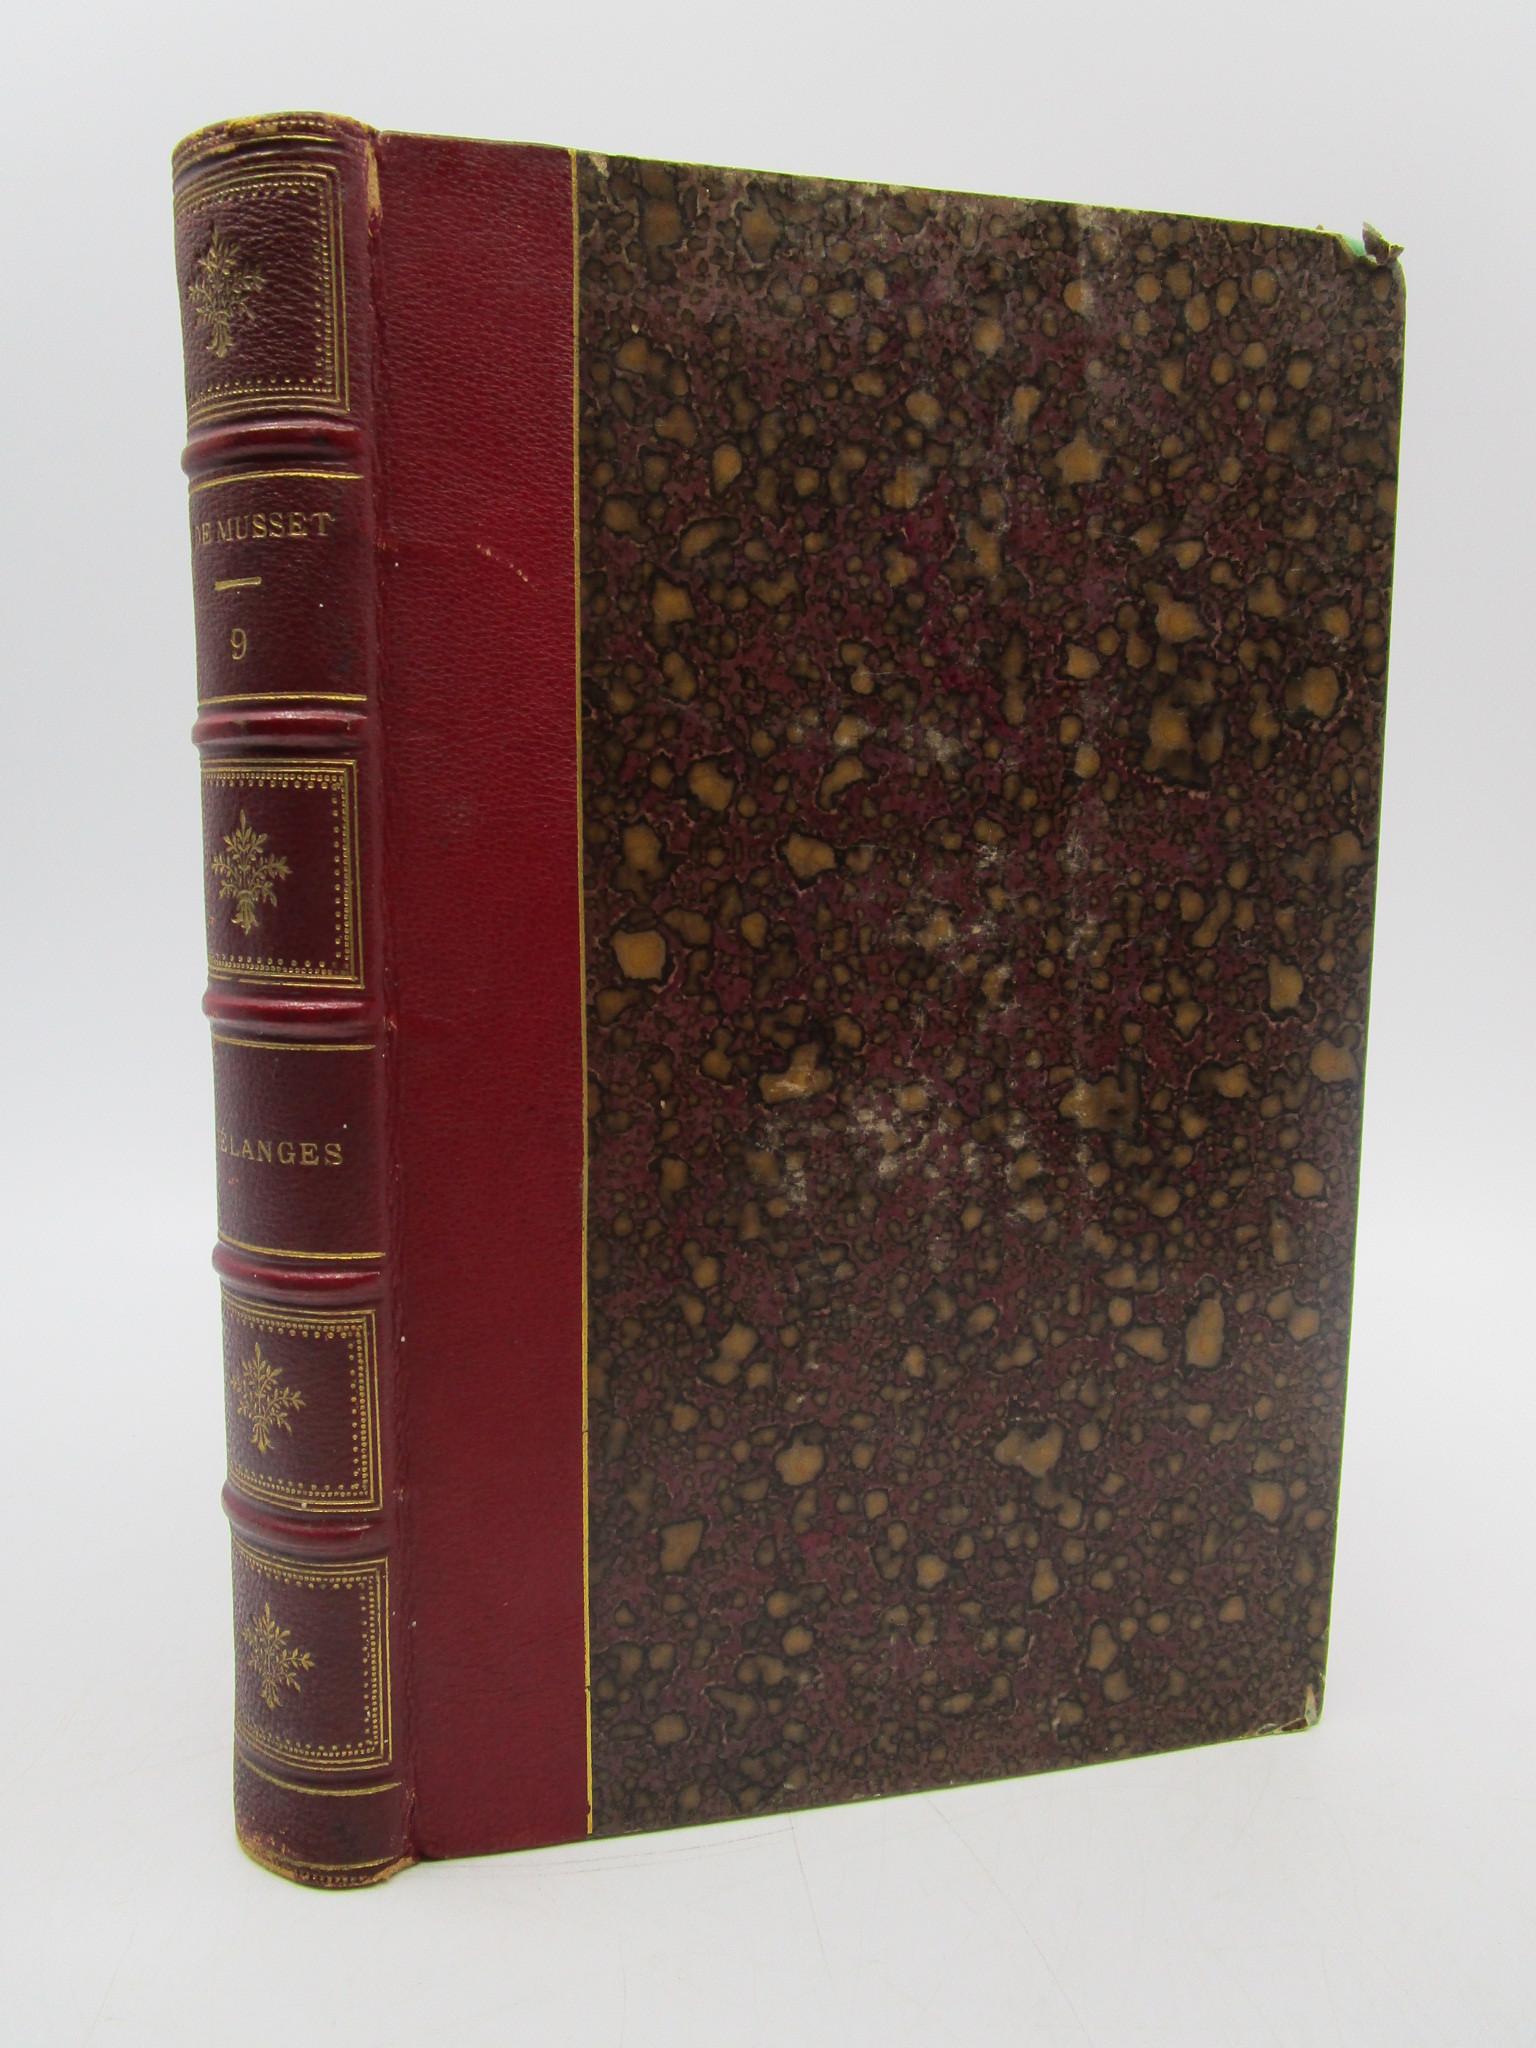 Image for Oeuvres Completes de Alfred de Musset, Tome Neuvieme: Melanges de Litterature et de Critique (Volume 9 of 9)